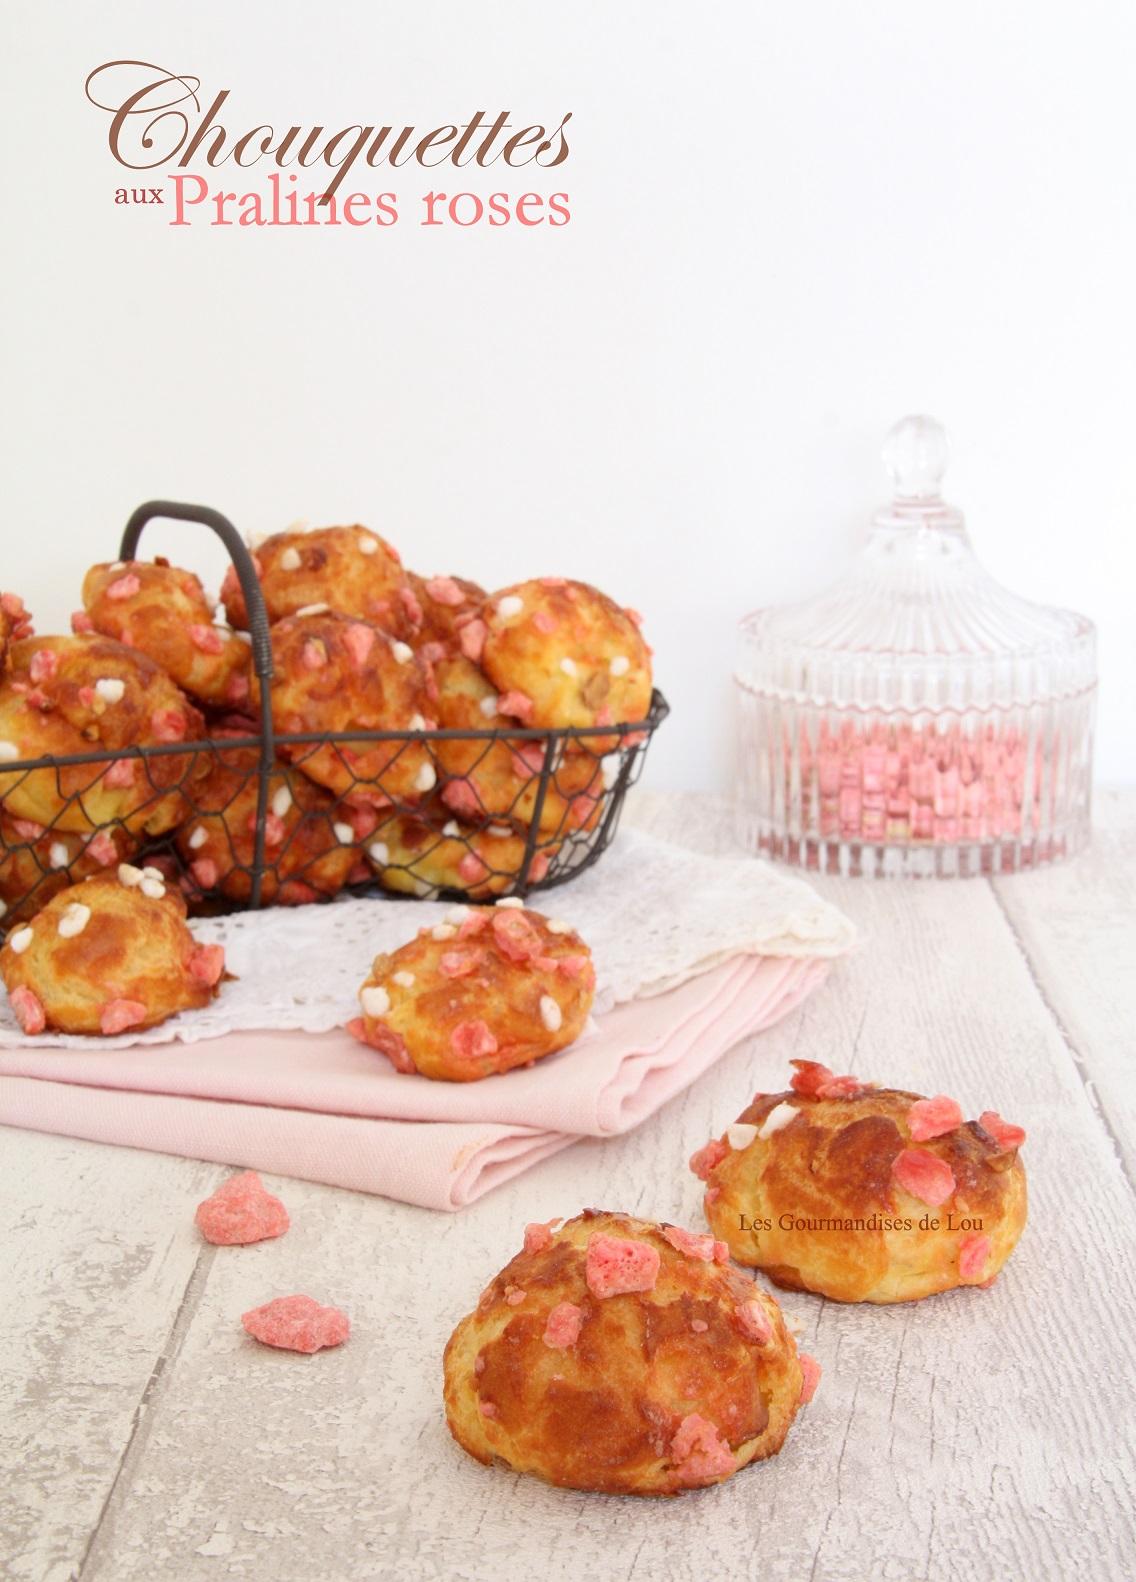 Chouquettes aux pralines roses